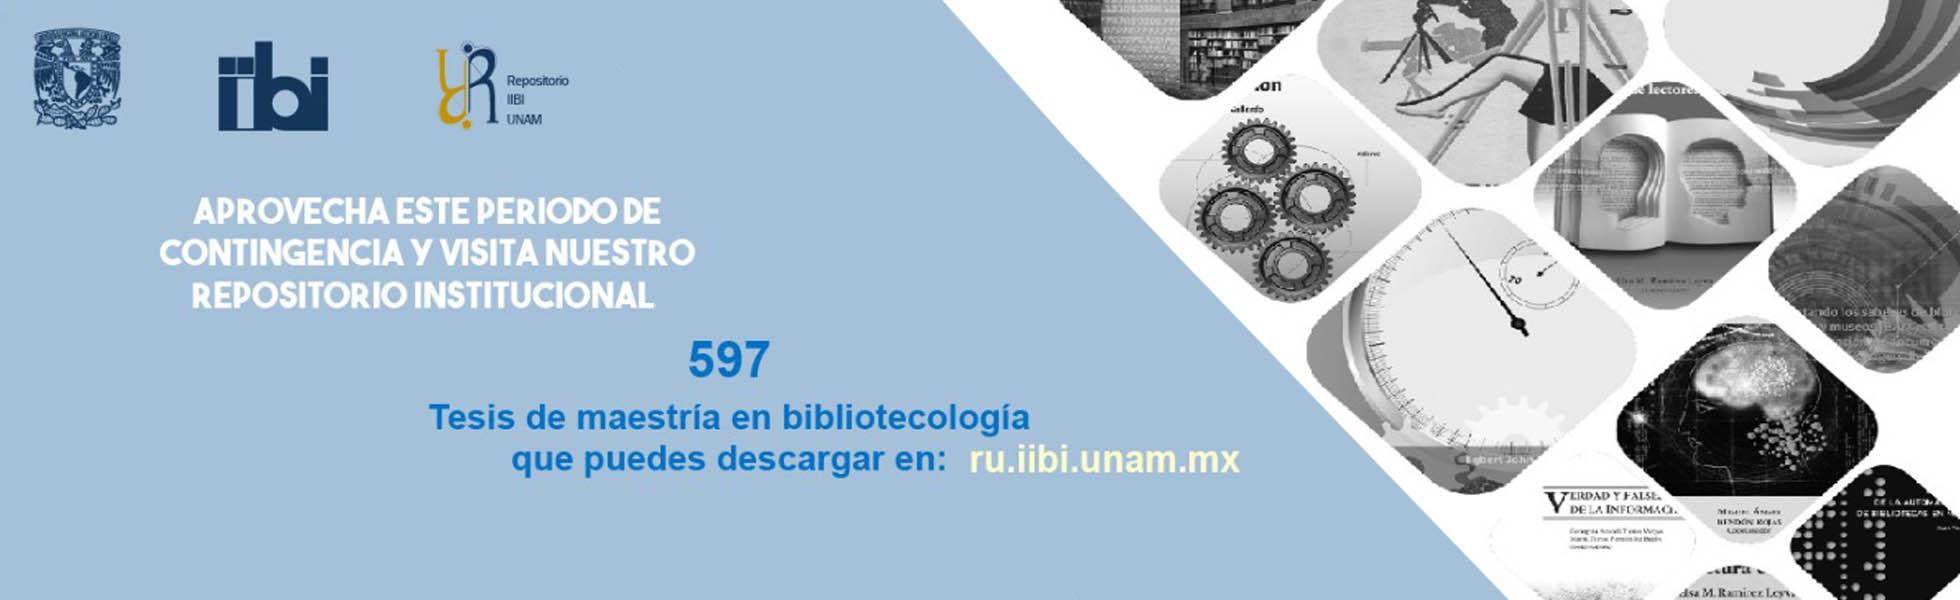 Repositorio Institucional IIBI